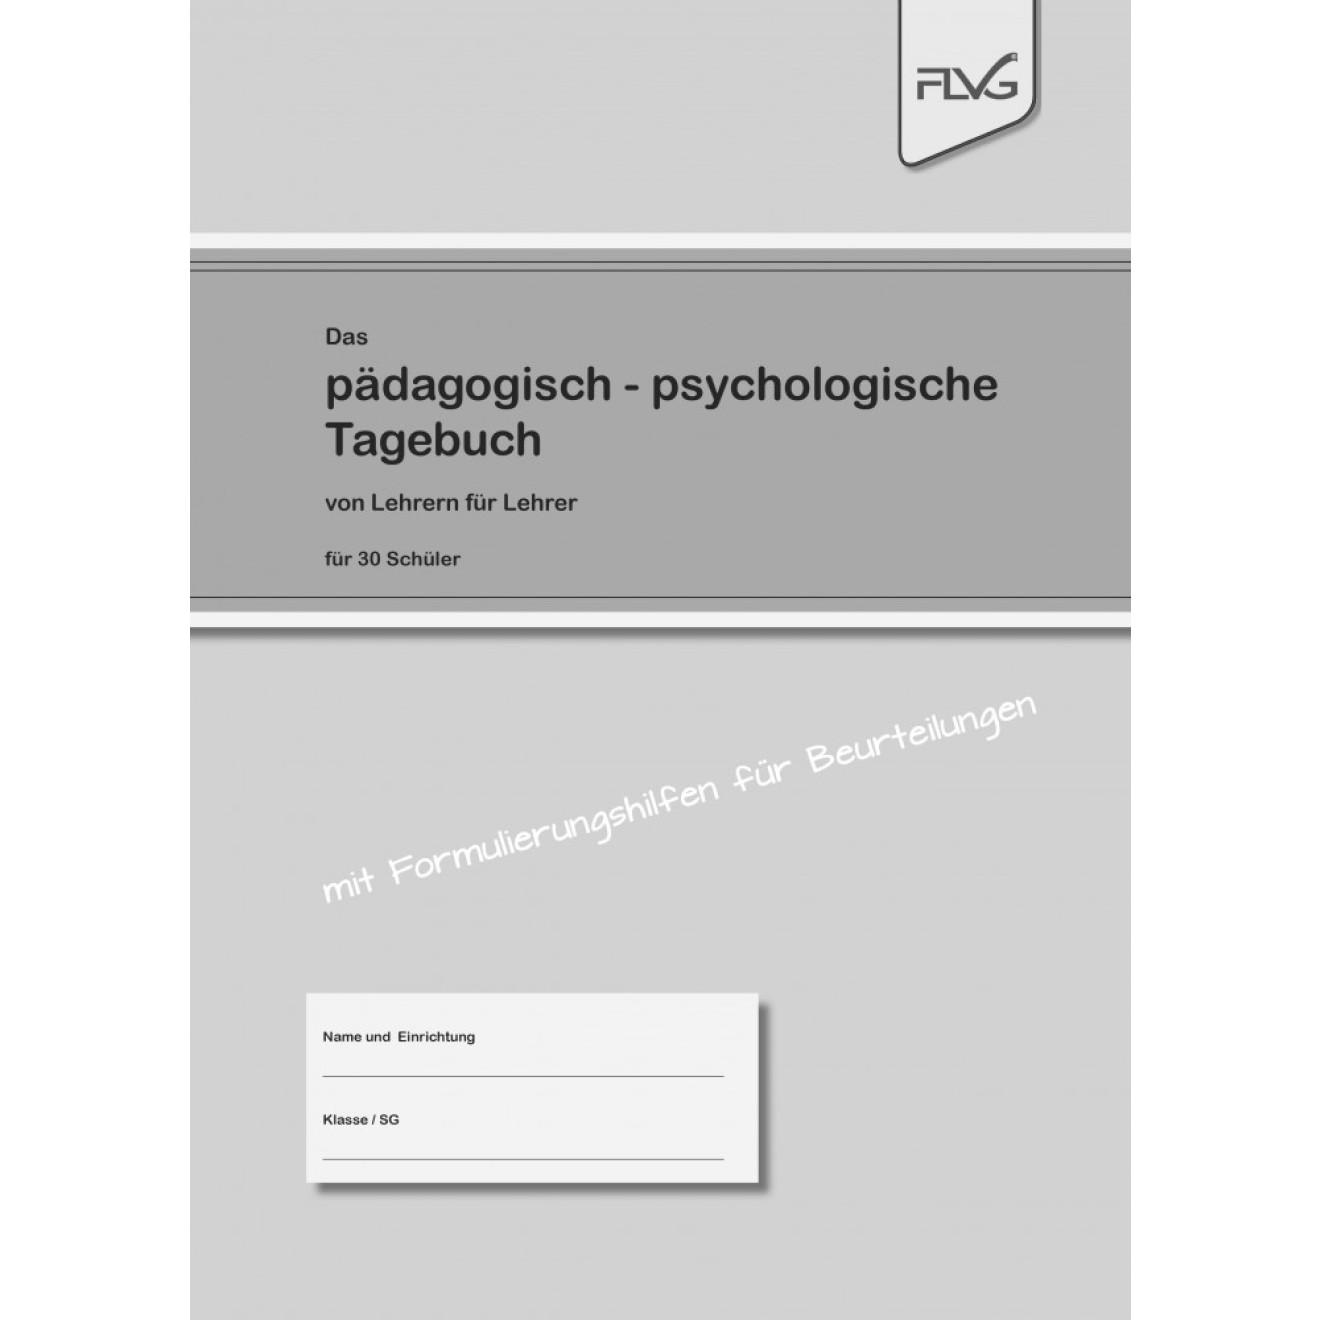 Pädagogisch-psychologisches-Tagebuch, Shop der GEW Brandenburg